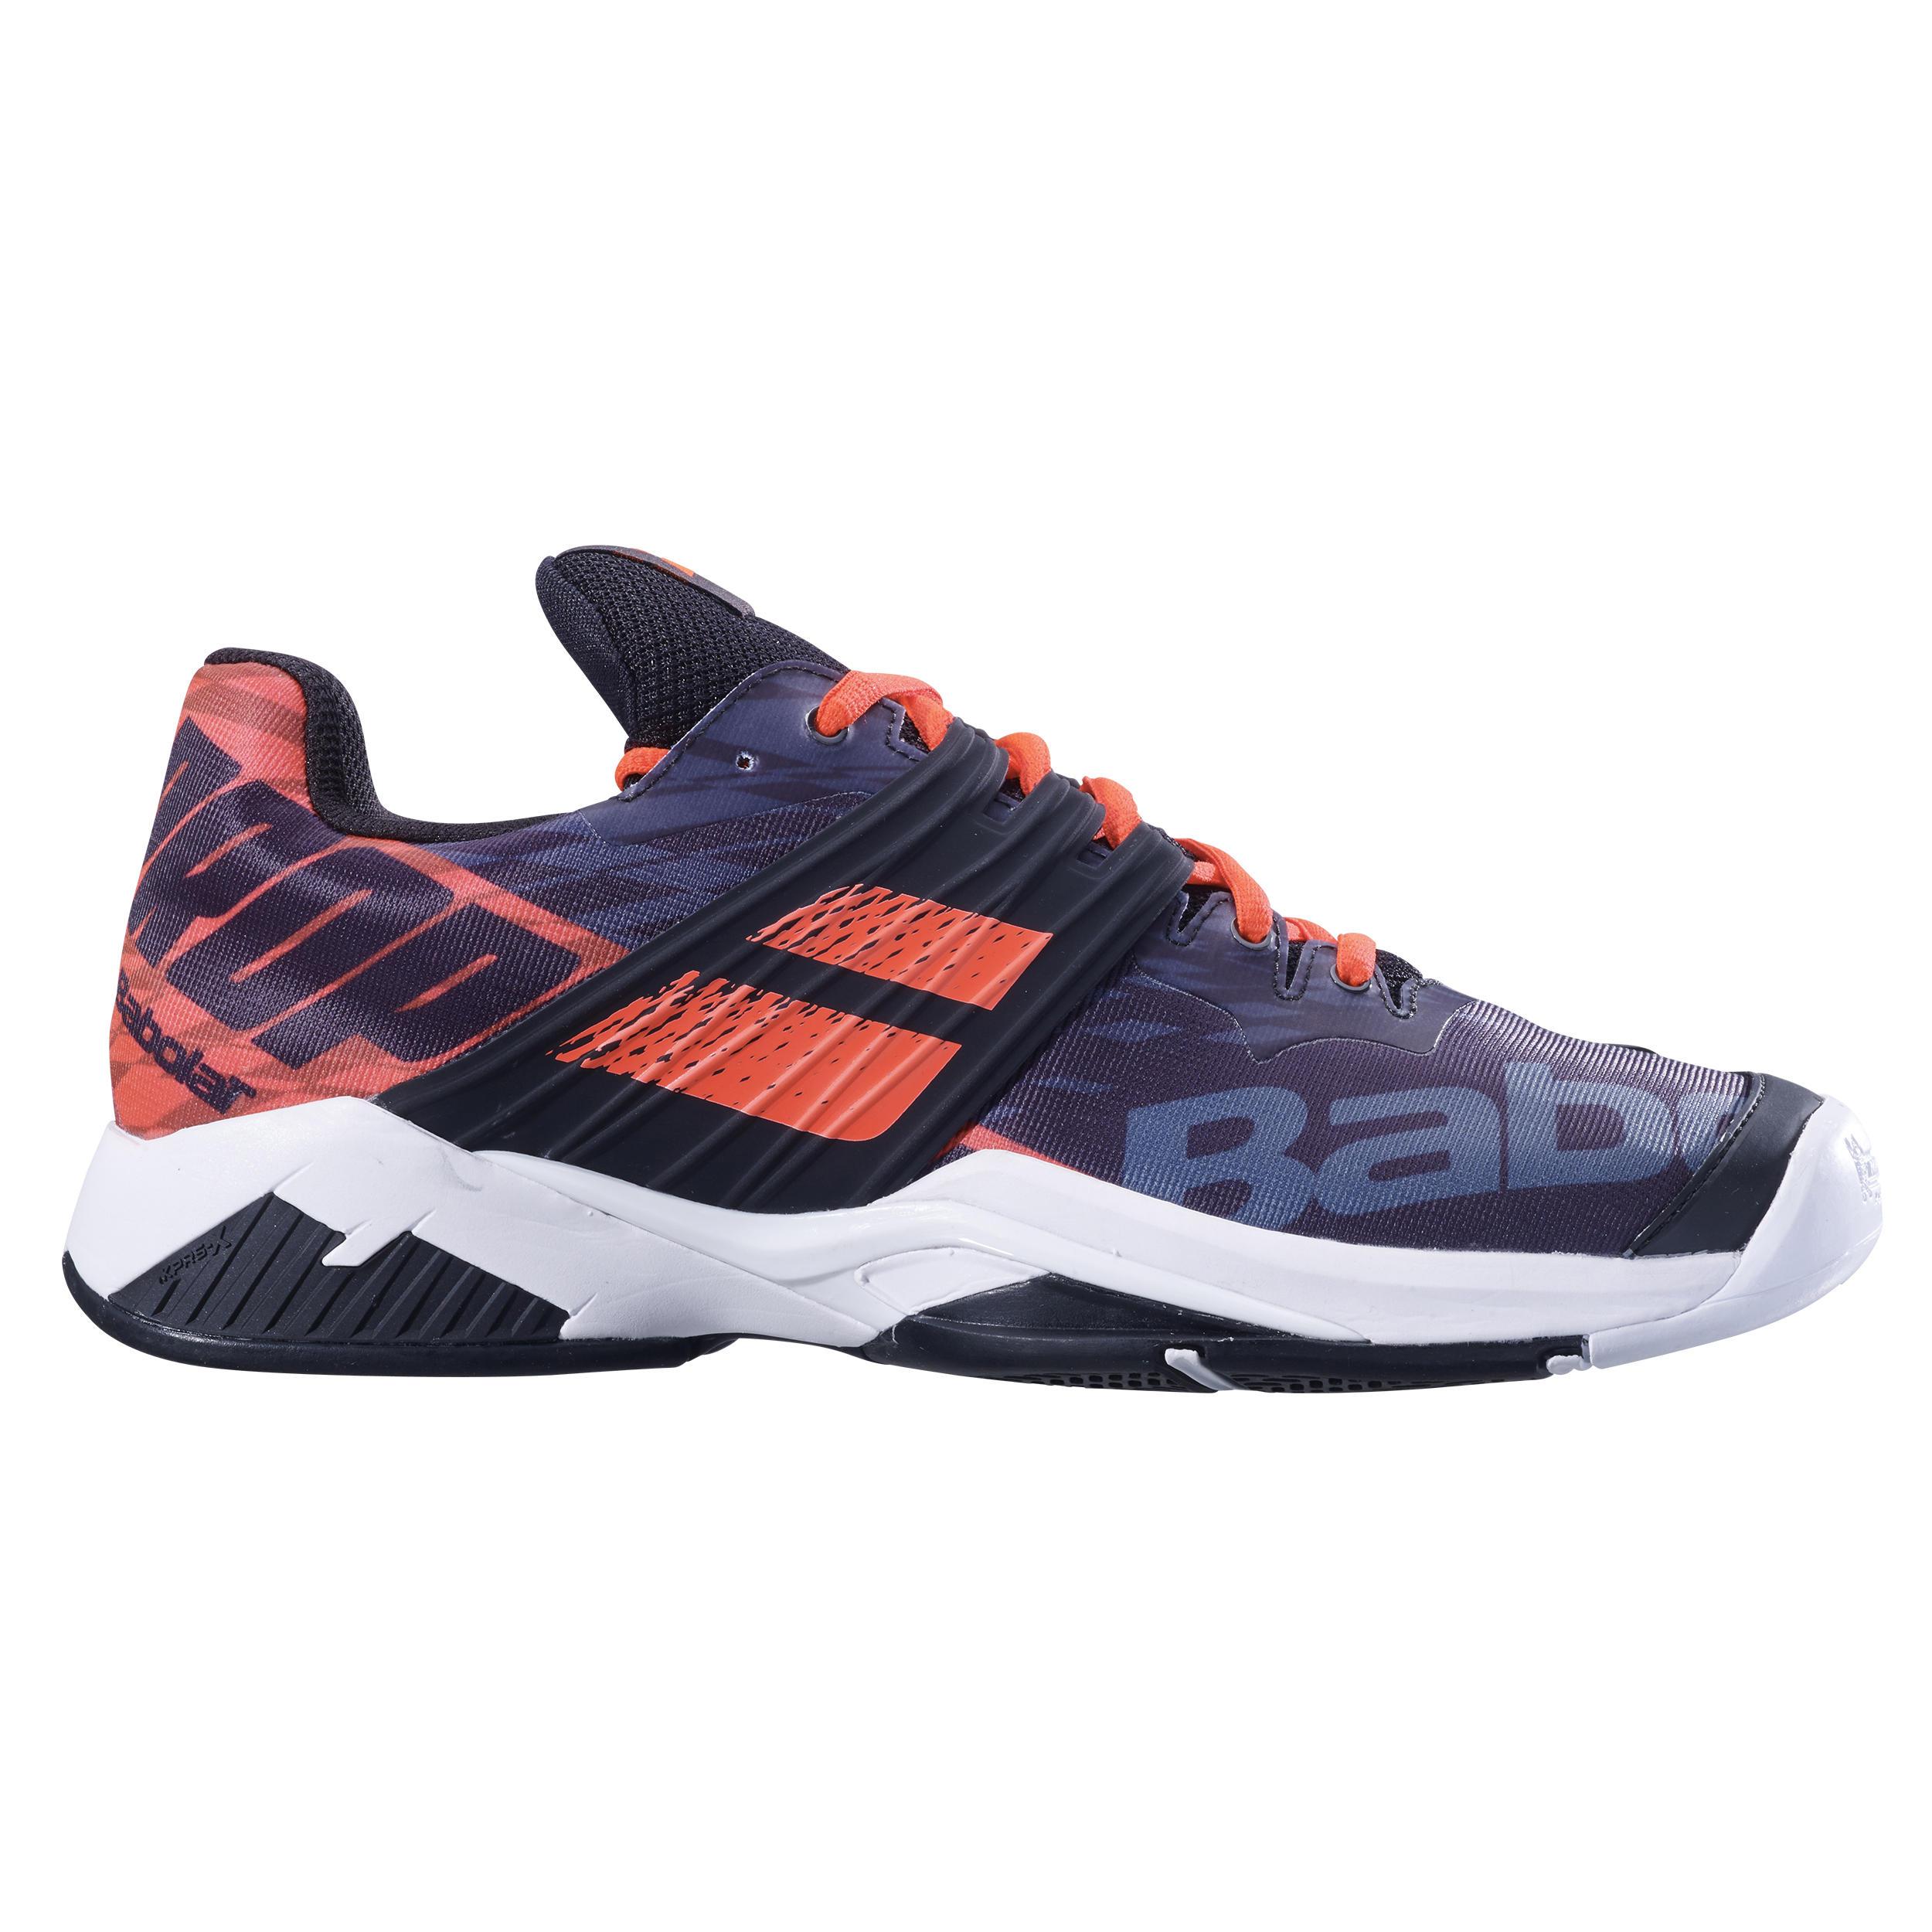 Babolat Tennisschoenen voor heren Propulse Fury zwart oranje multicourt